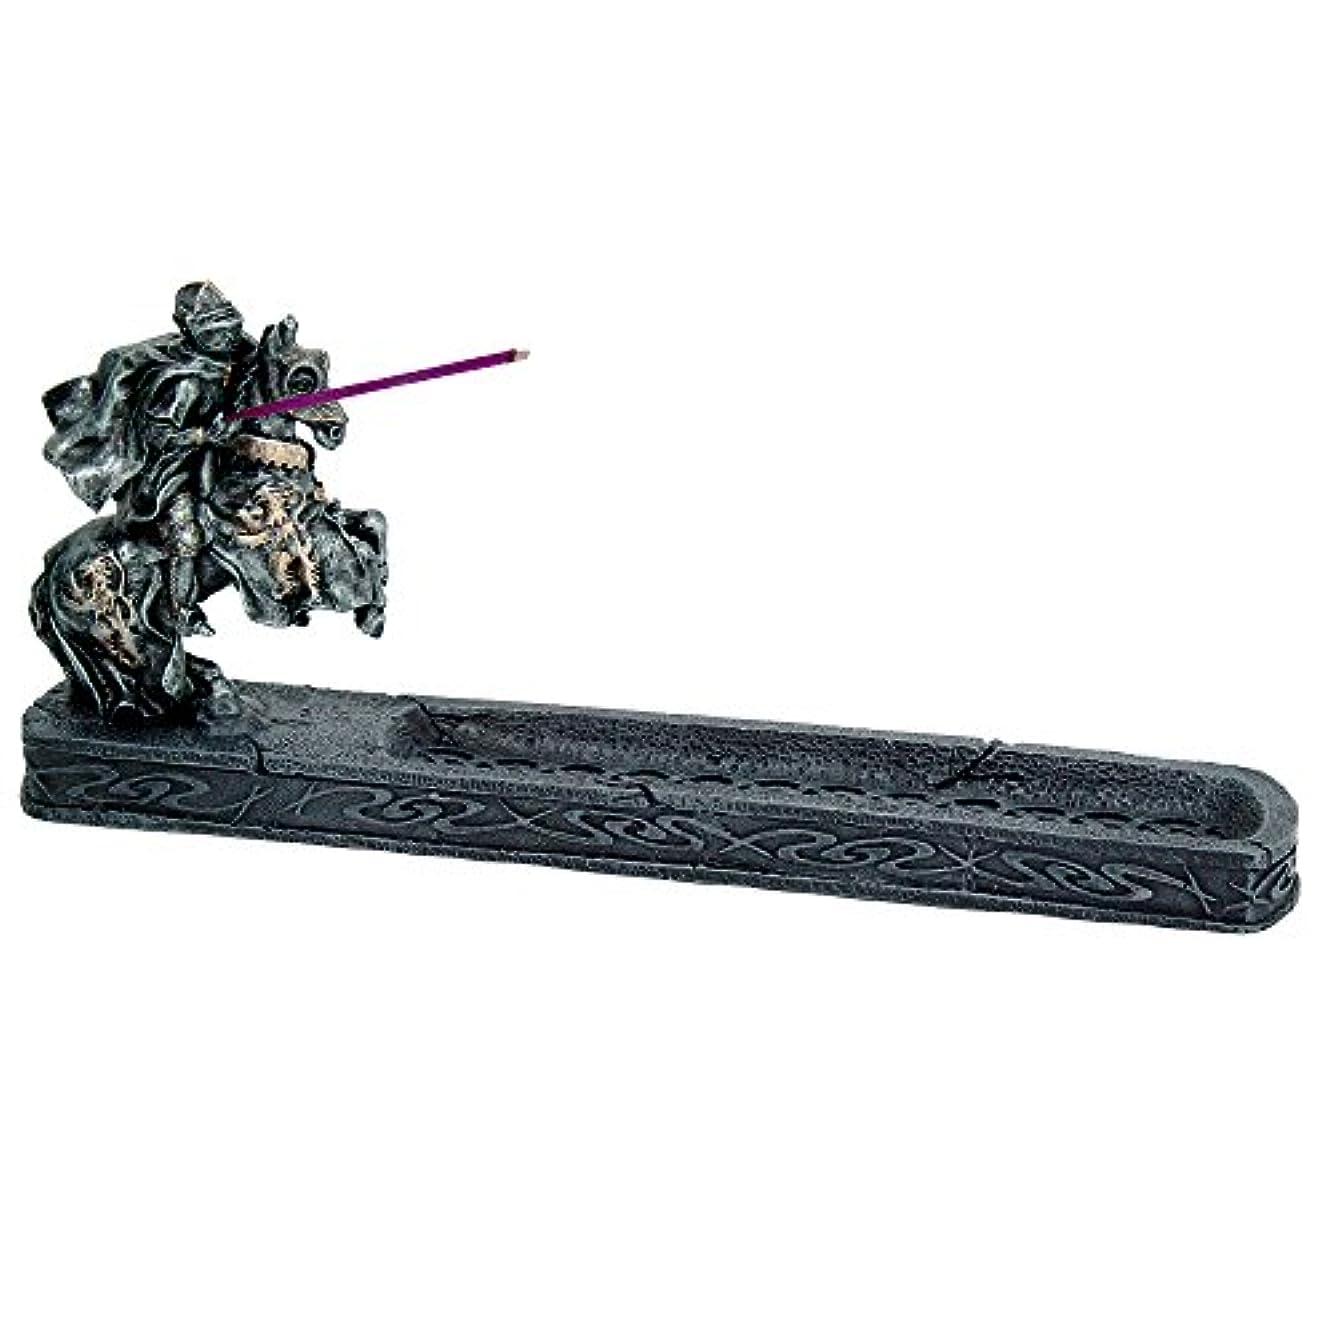 露骨なパーセント印象的ナイトのChivalry Stick Incense Holder Jousting Knight Incense Burner Medieval Times Collectible 11.25インチL